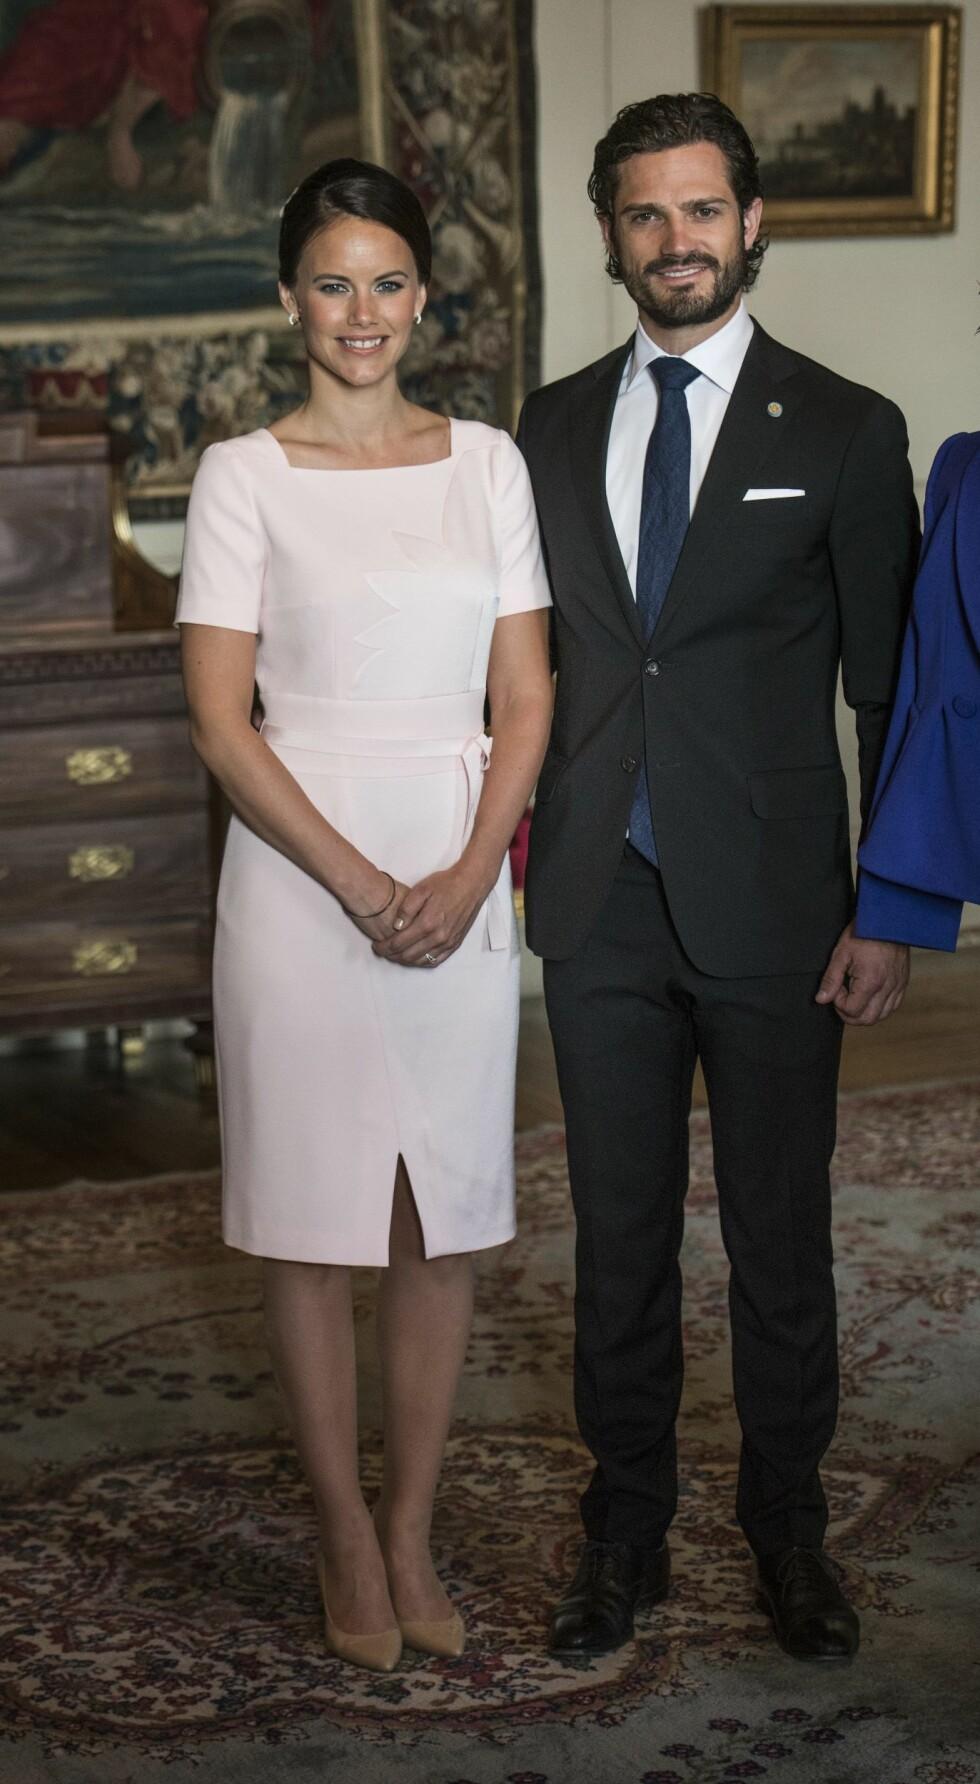 VÅREN 2015: Sofia Hellqvist og prins Carl Philip på velkomstseremonien for Indias president, Shri Pranab Mukherjee, på Stockholms slott. Sofias brunfarge kom til sin rett i den blekrosa kjolen. Båndet i livet bryter opp på en diskret måte. Foto: TT NYHETSBYRÅN